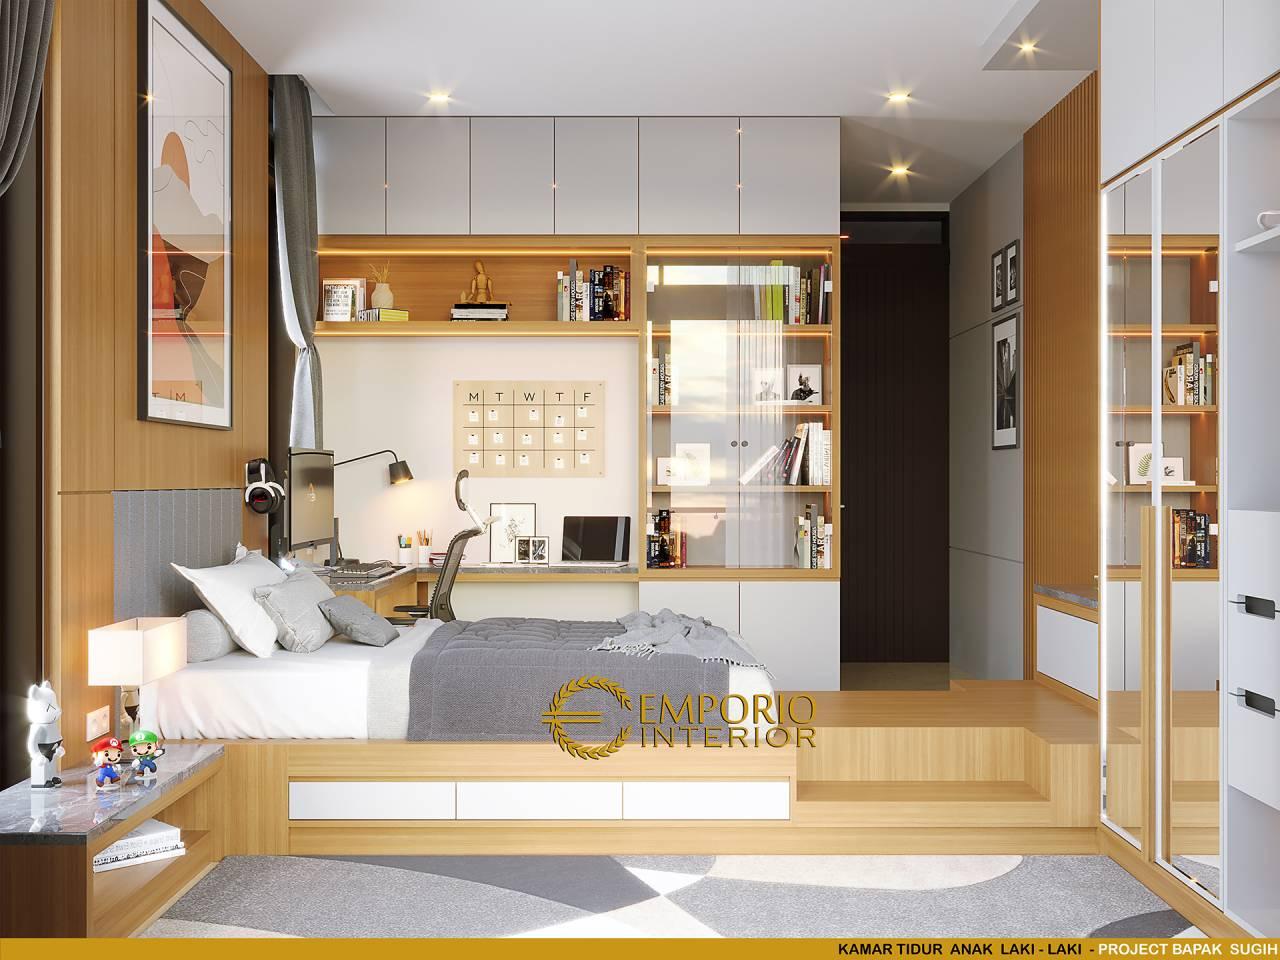 Inspirasi Desain Interior Kamar Tidur Dan Kamar Mandi Anak Laki Laki Pada Hunian Bapak Sugih Di Kamar tidur dan kamar mandi